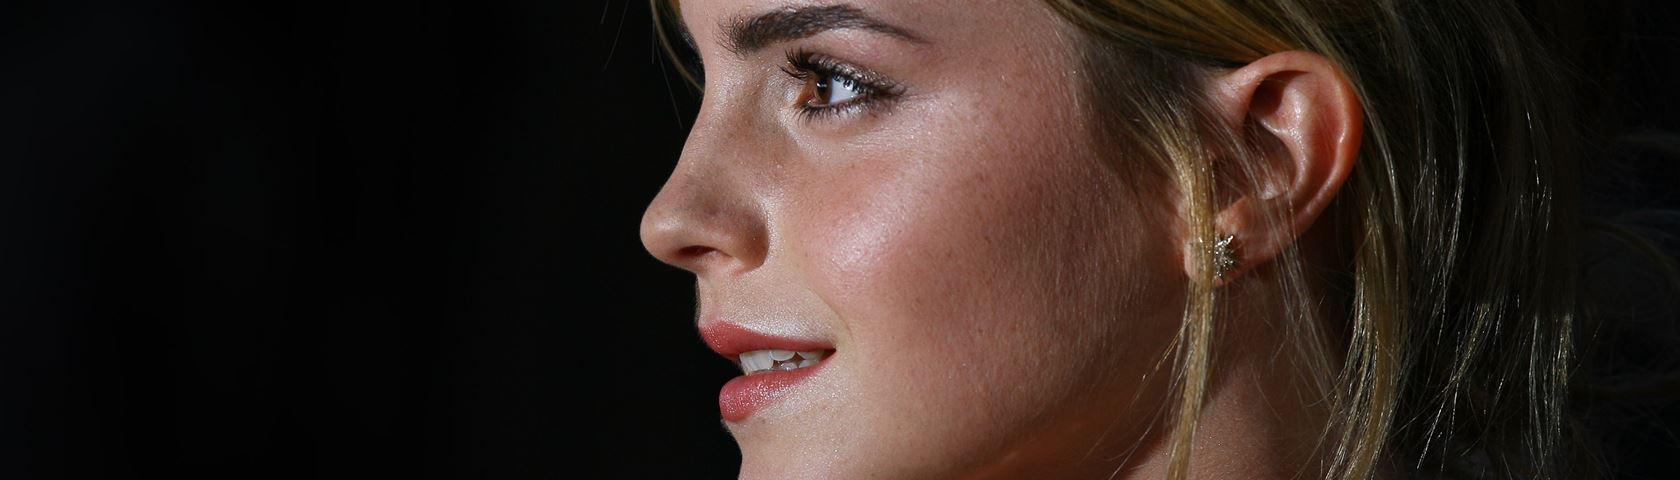 Emma Watson in Profile